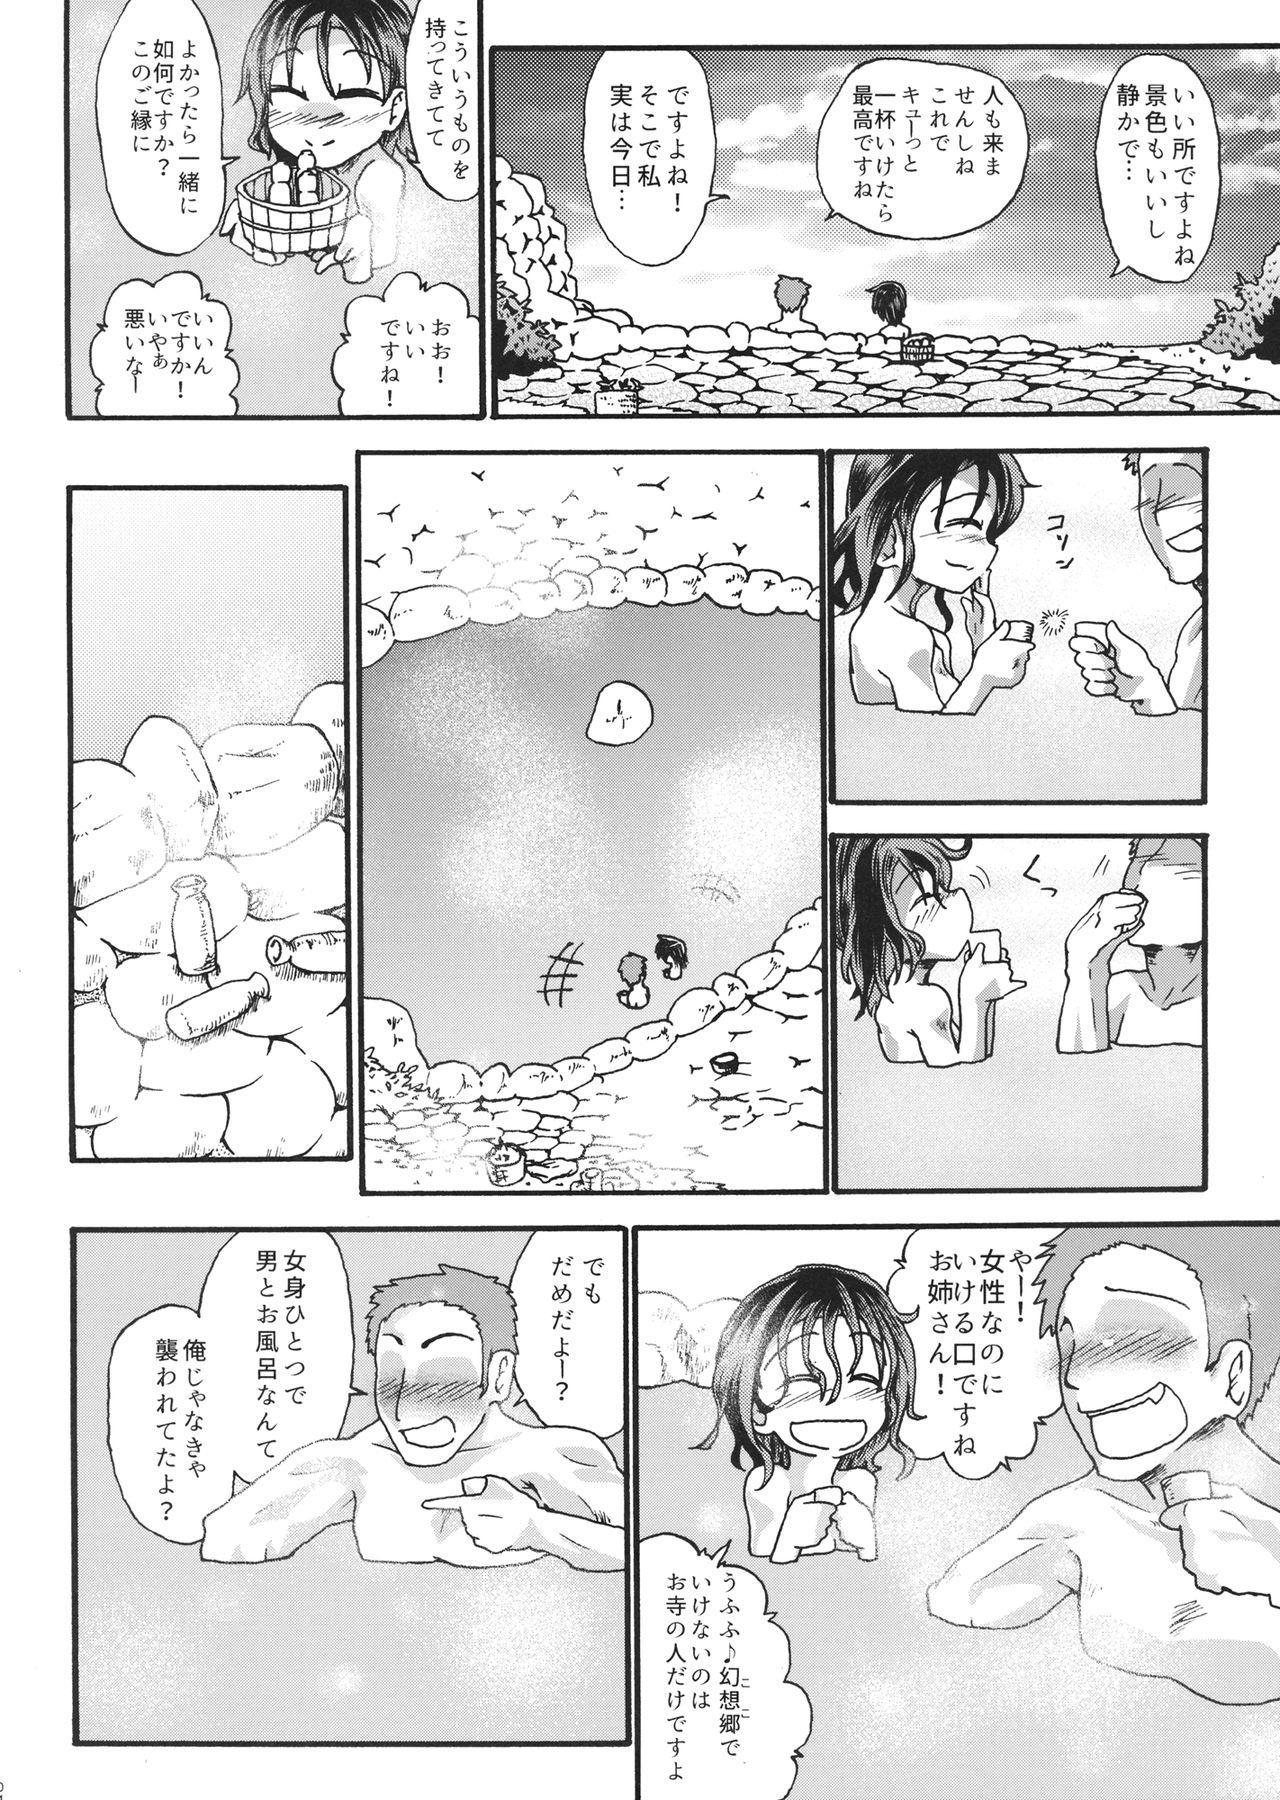 Murasa Minamitsu no Tonogata Jijou 4